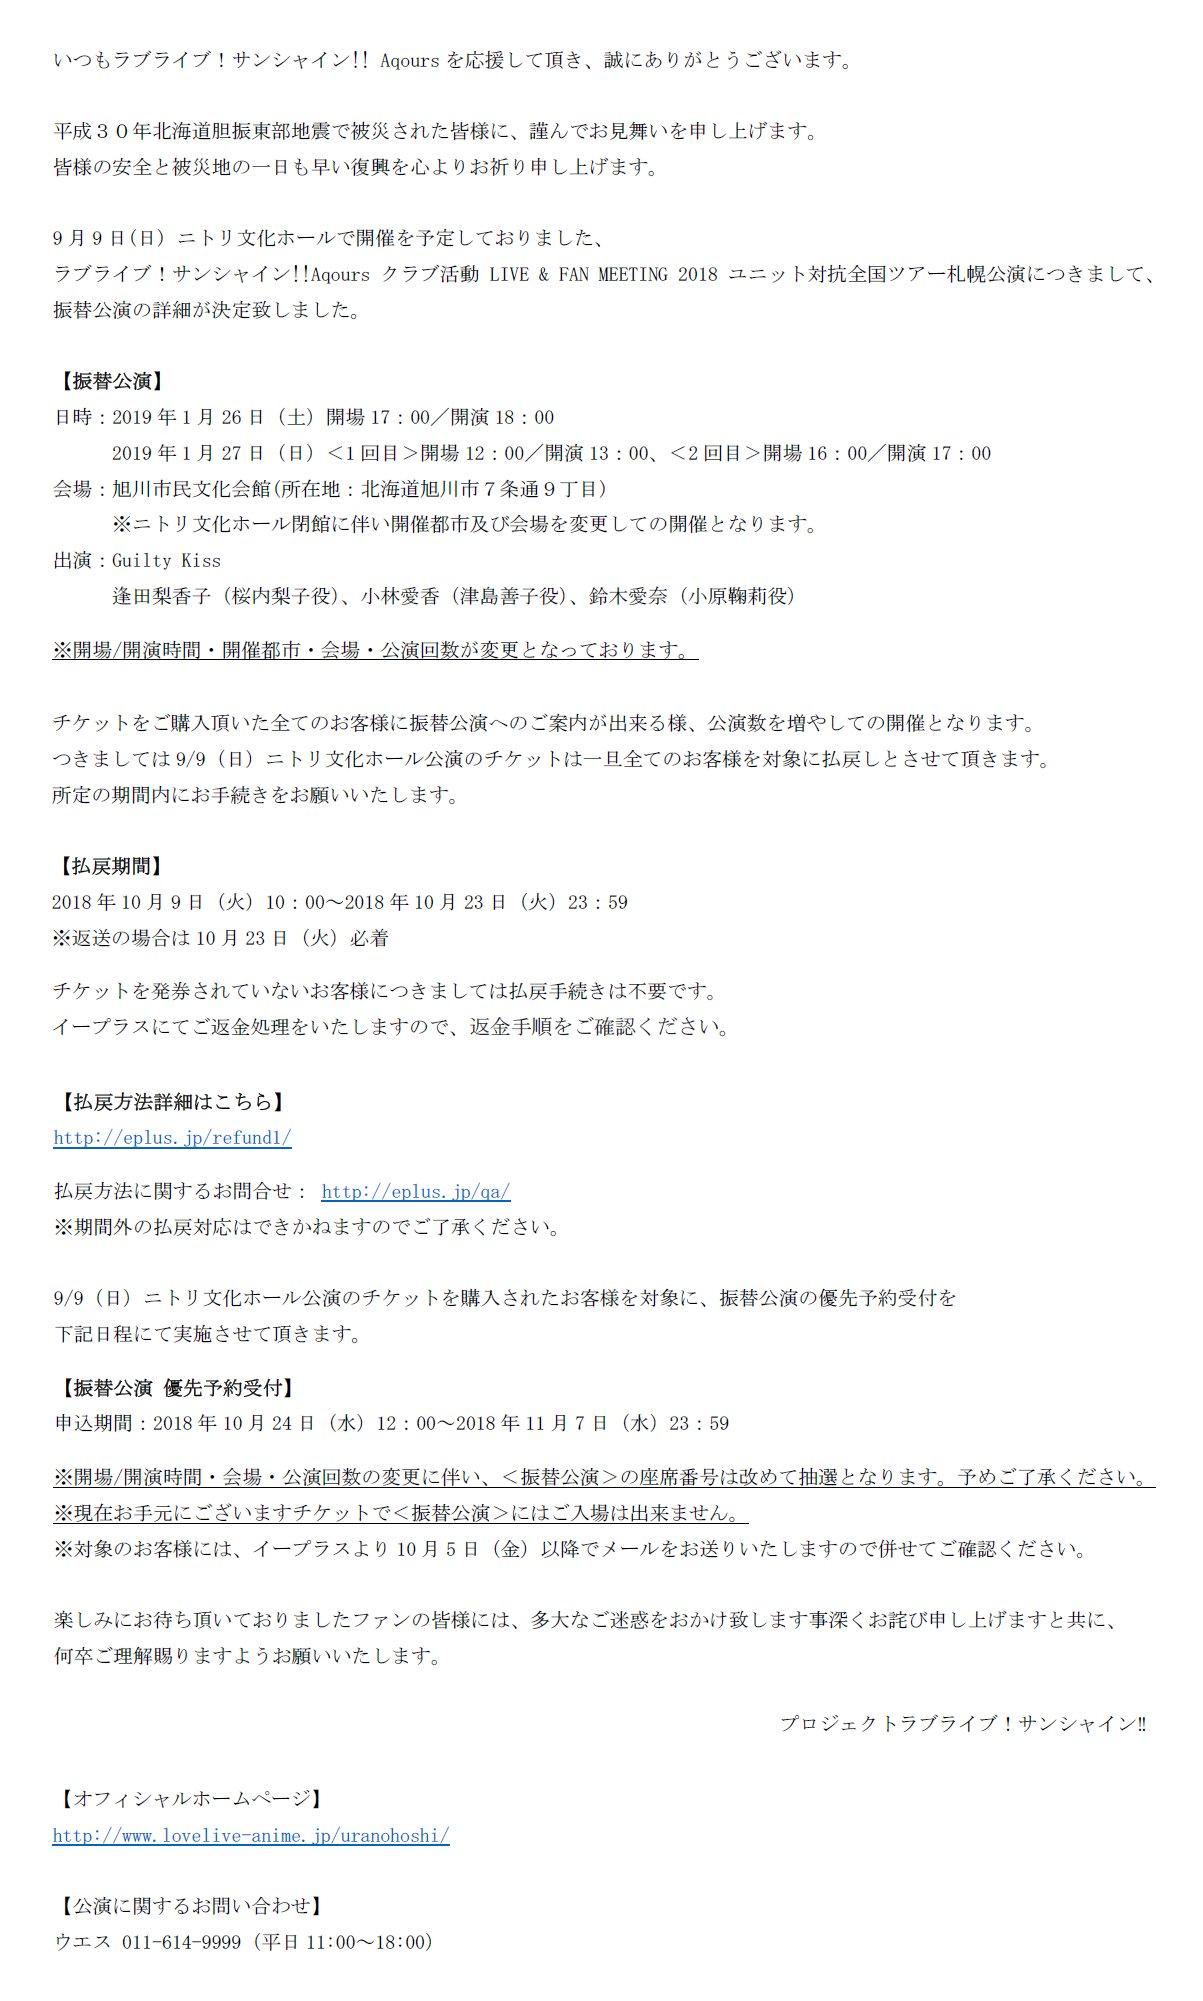 ギルキス 札幌 ファンミ 振替公演 日時 決定 (180)